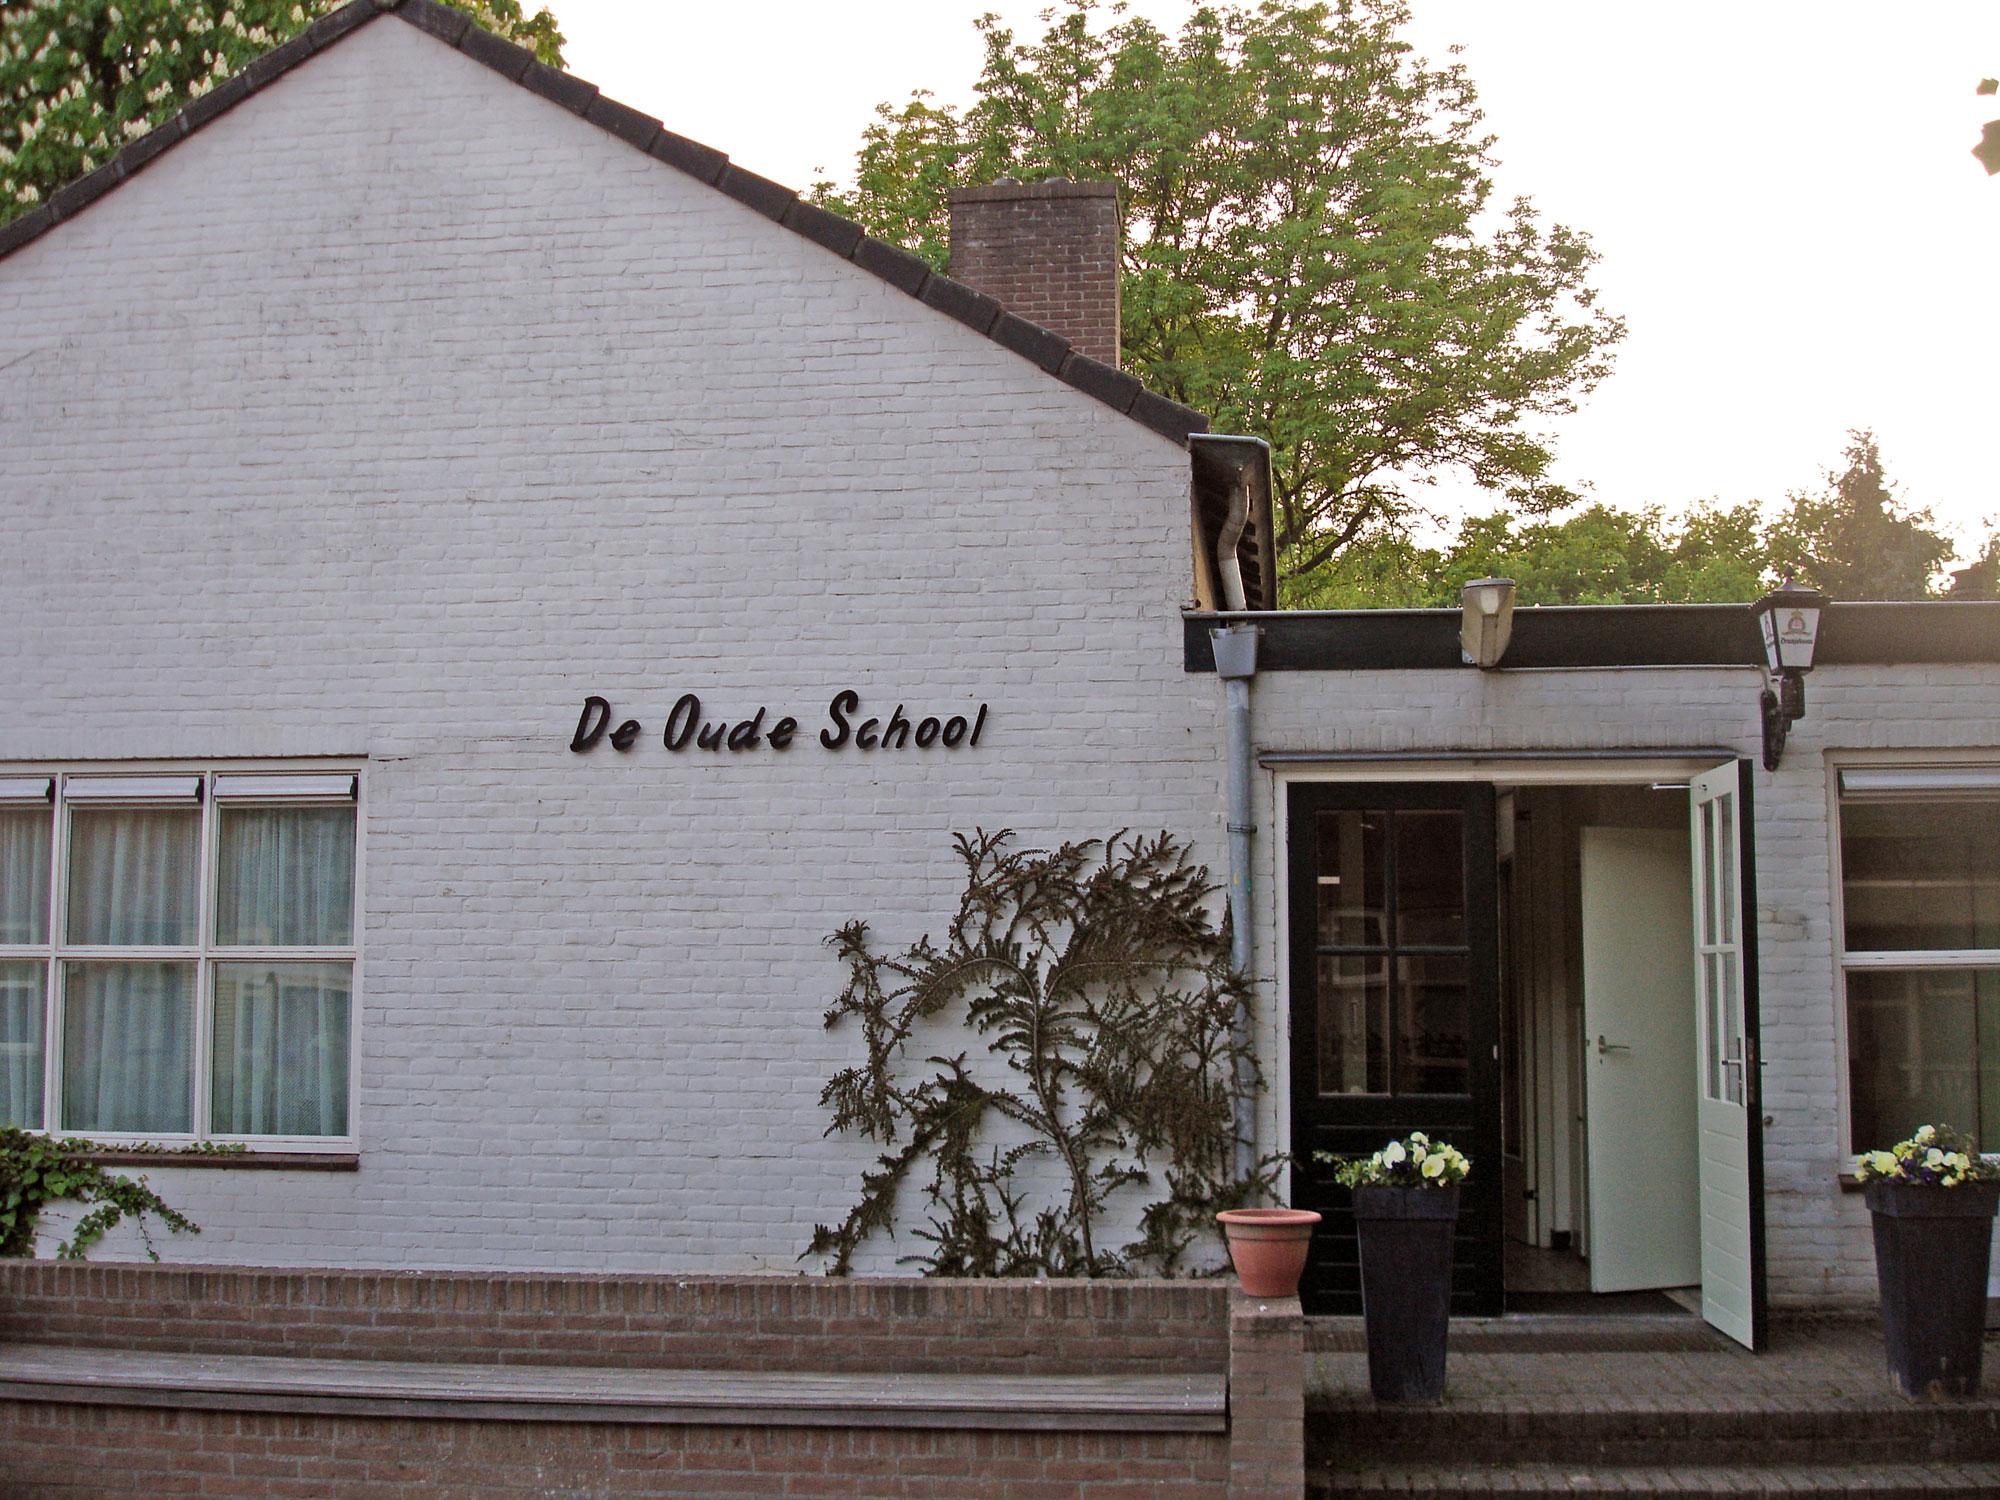 Dorpshuis De Oude School Hemmen